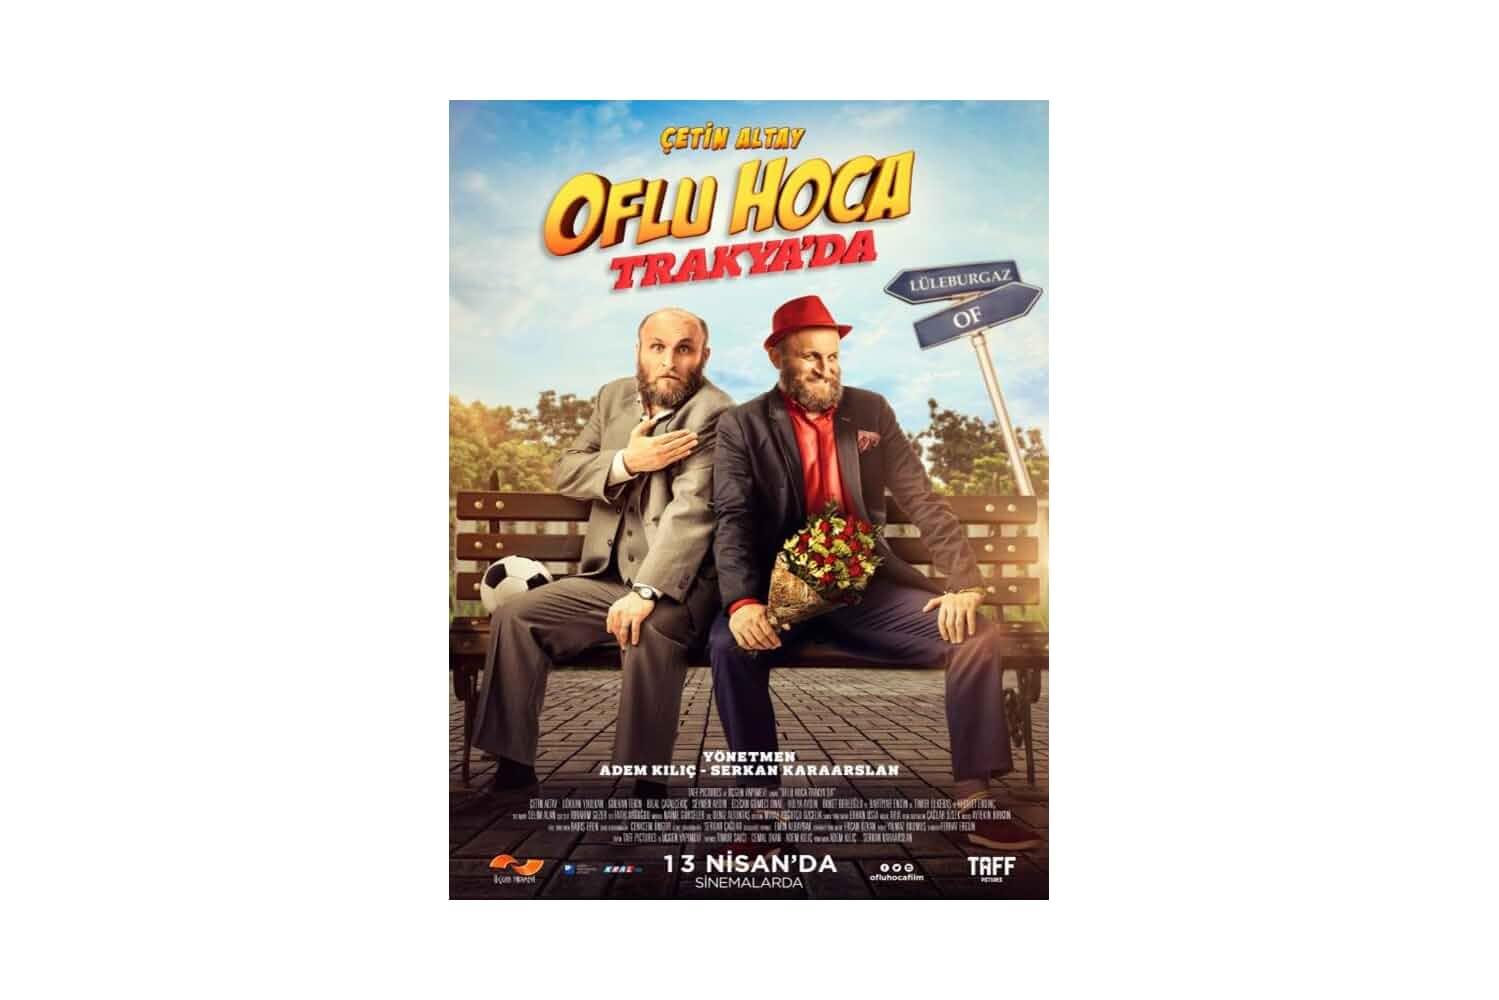 Oflu Hoca'nin Sifresi 3 (2018)